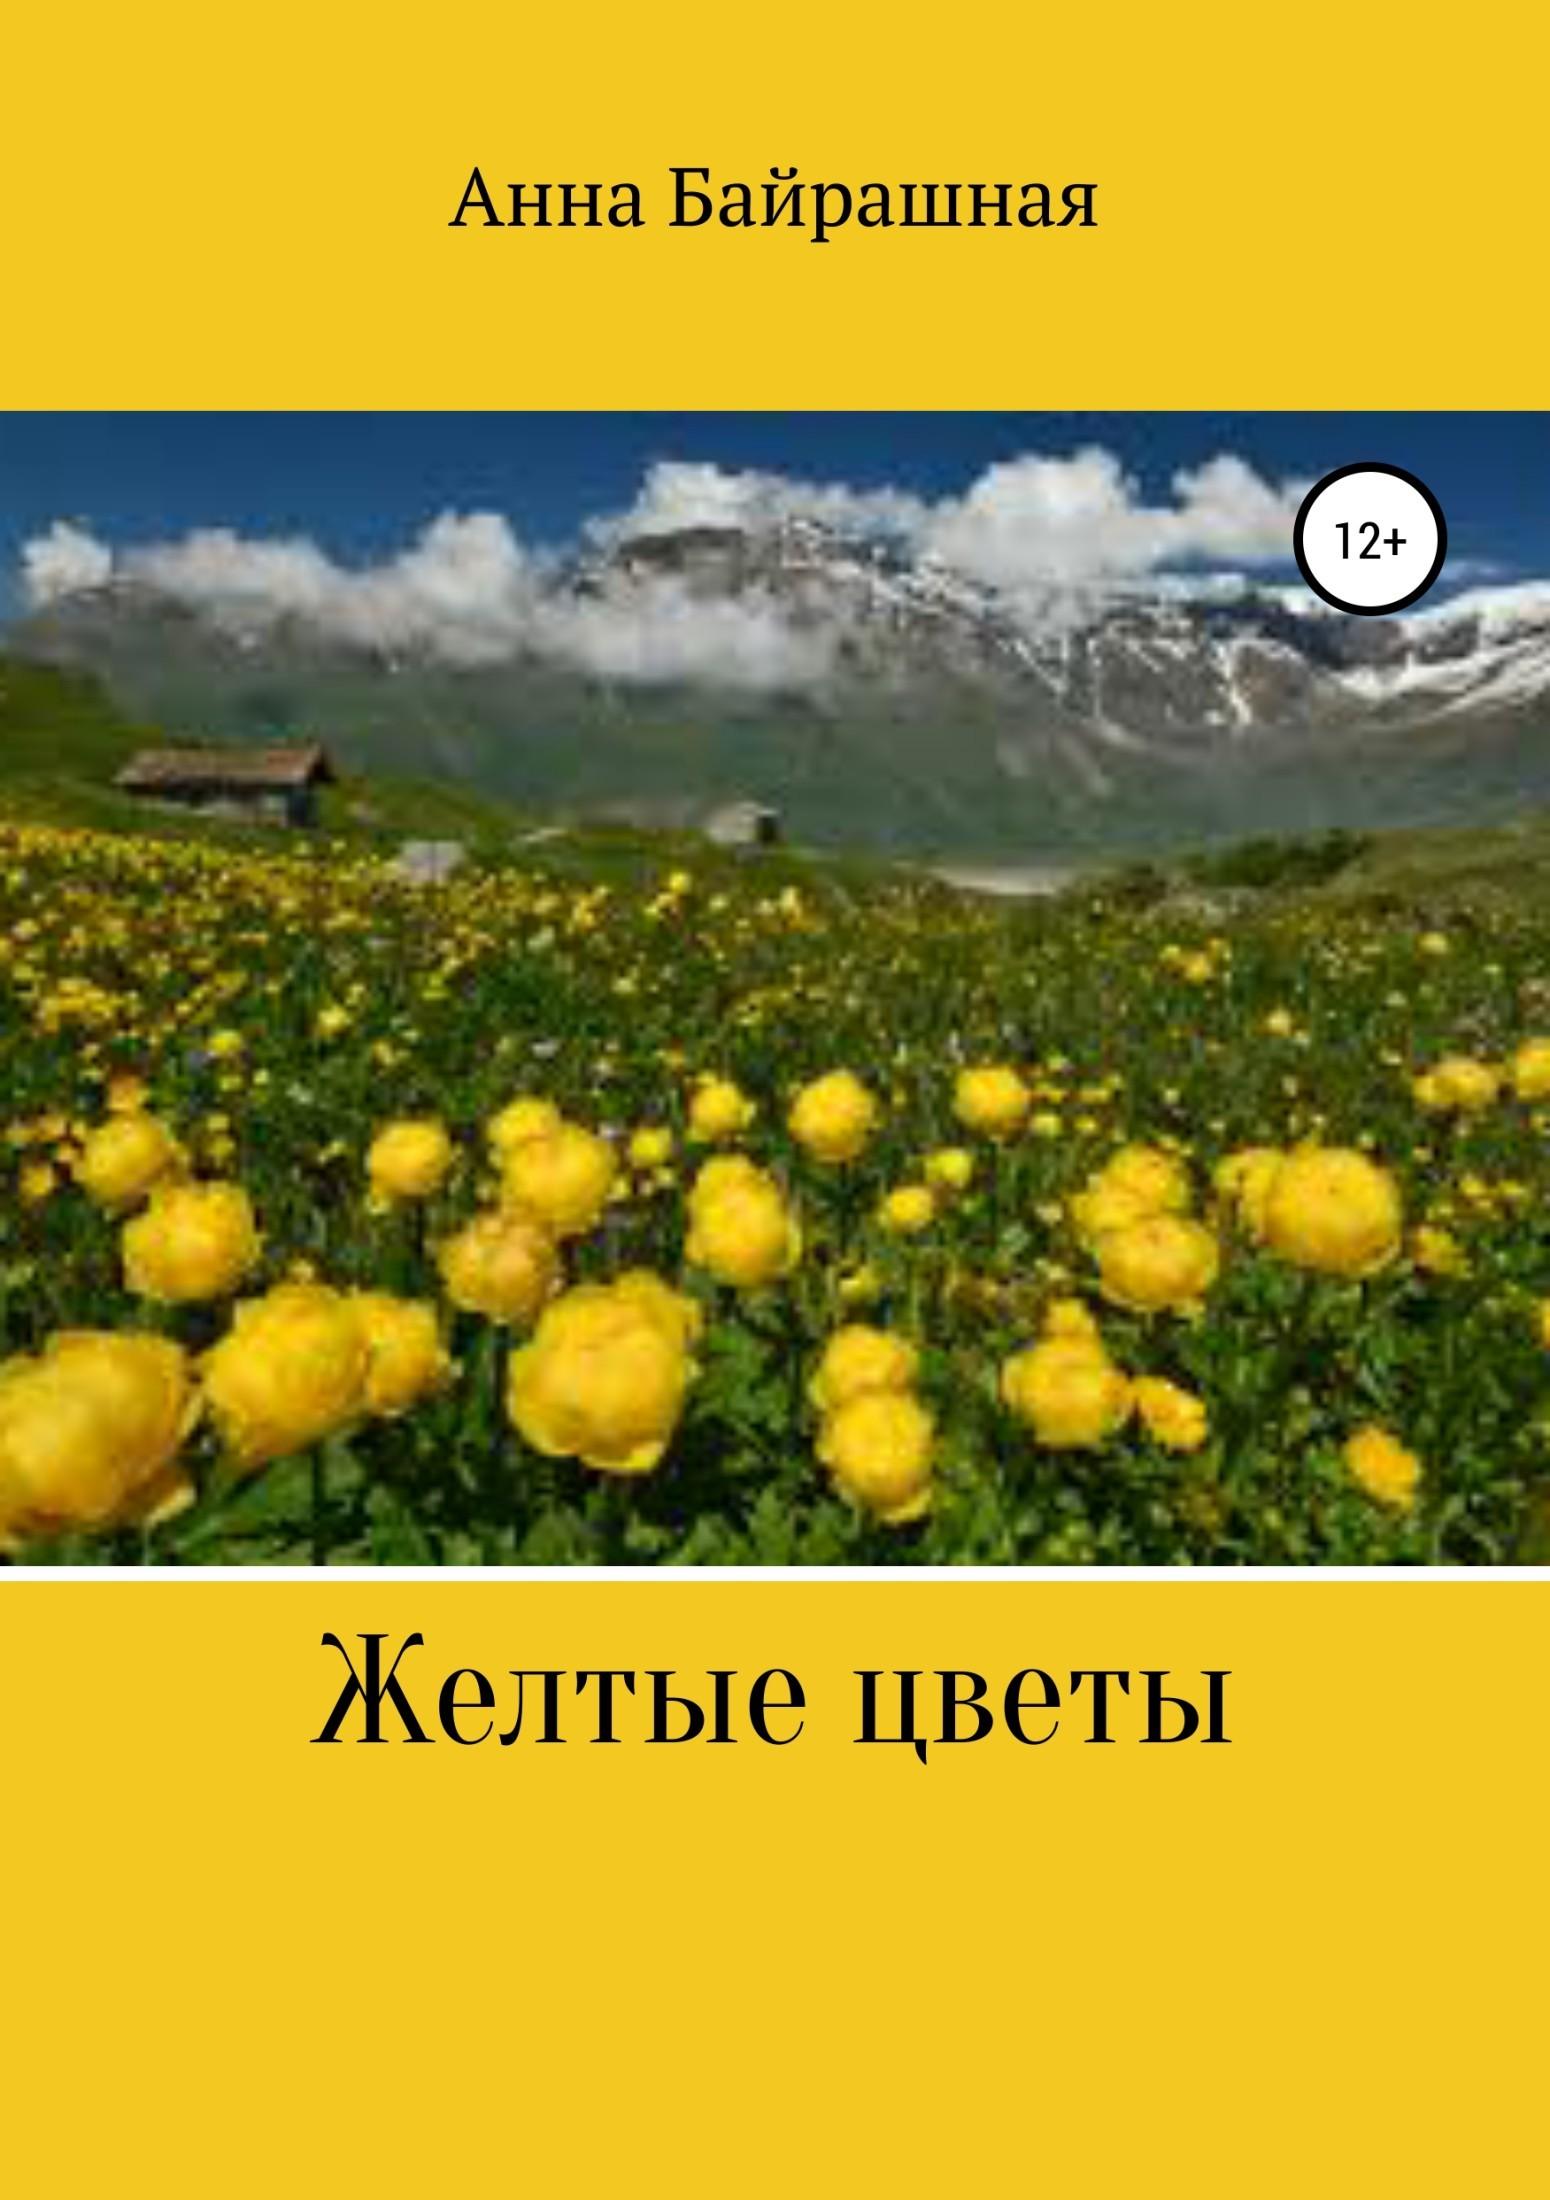 Анна Сергеевна Байрашная Жёлтые цветы анна дубок синтетическое счастье сборник стихов